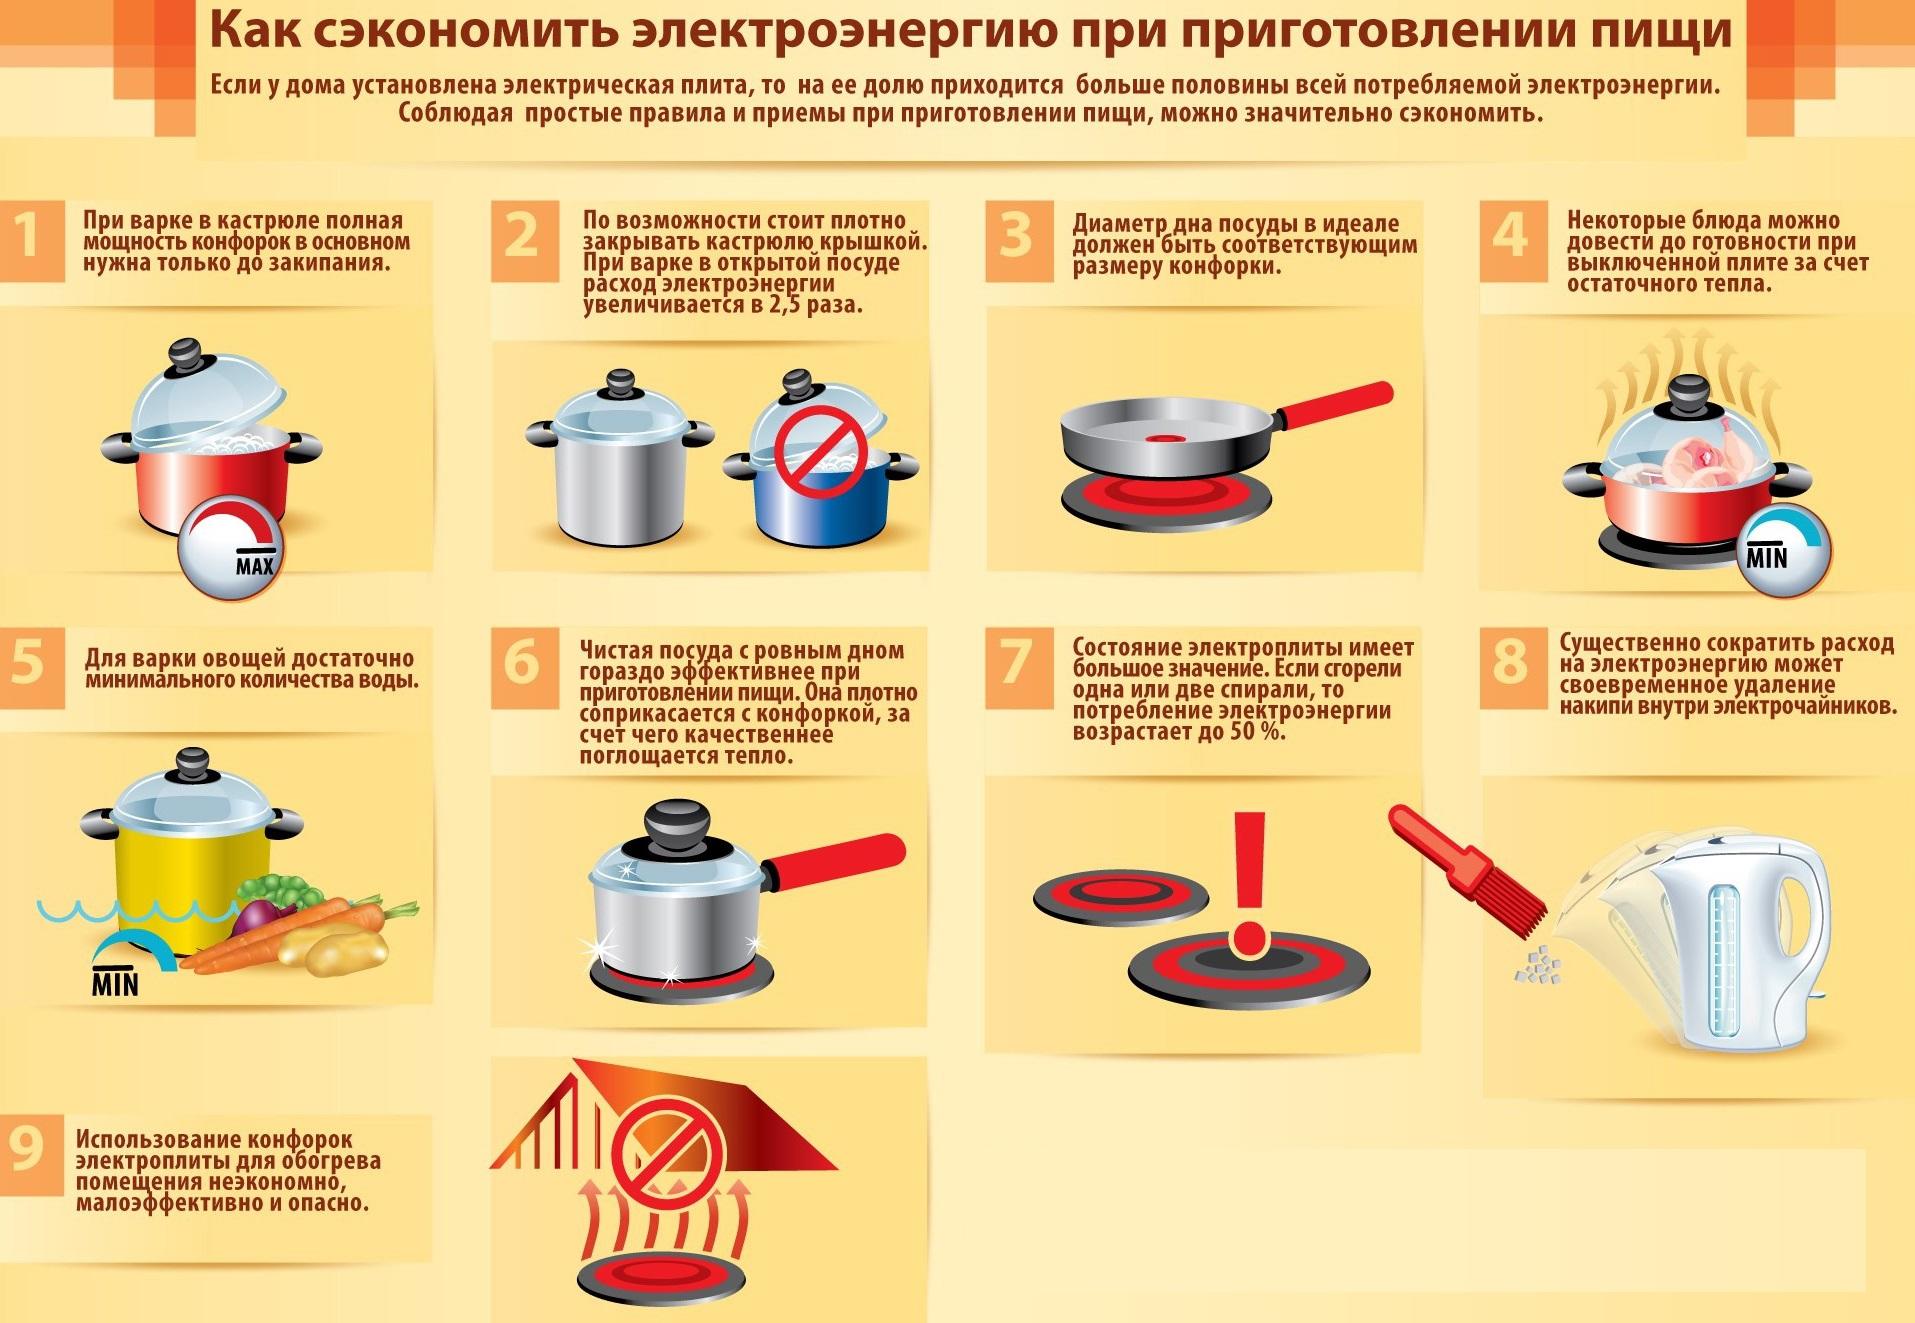 Экономия эл-ва при приготовлении пищи